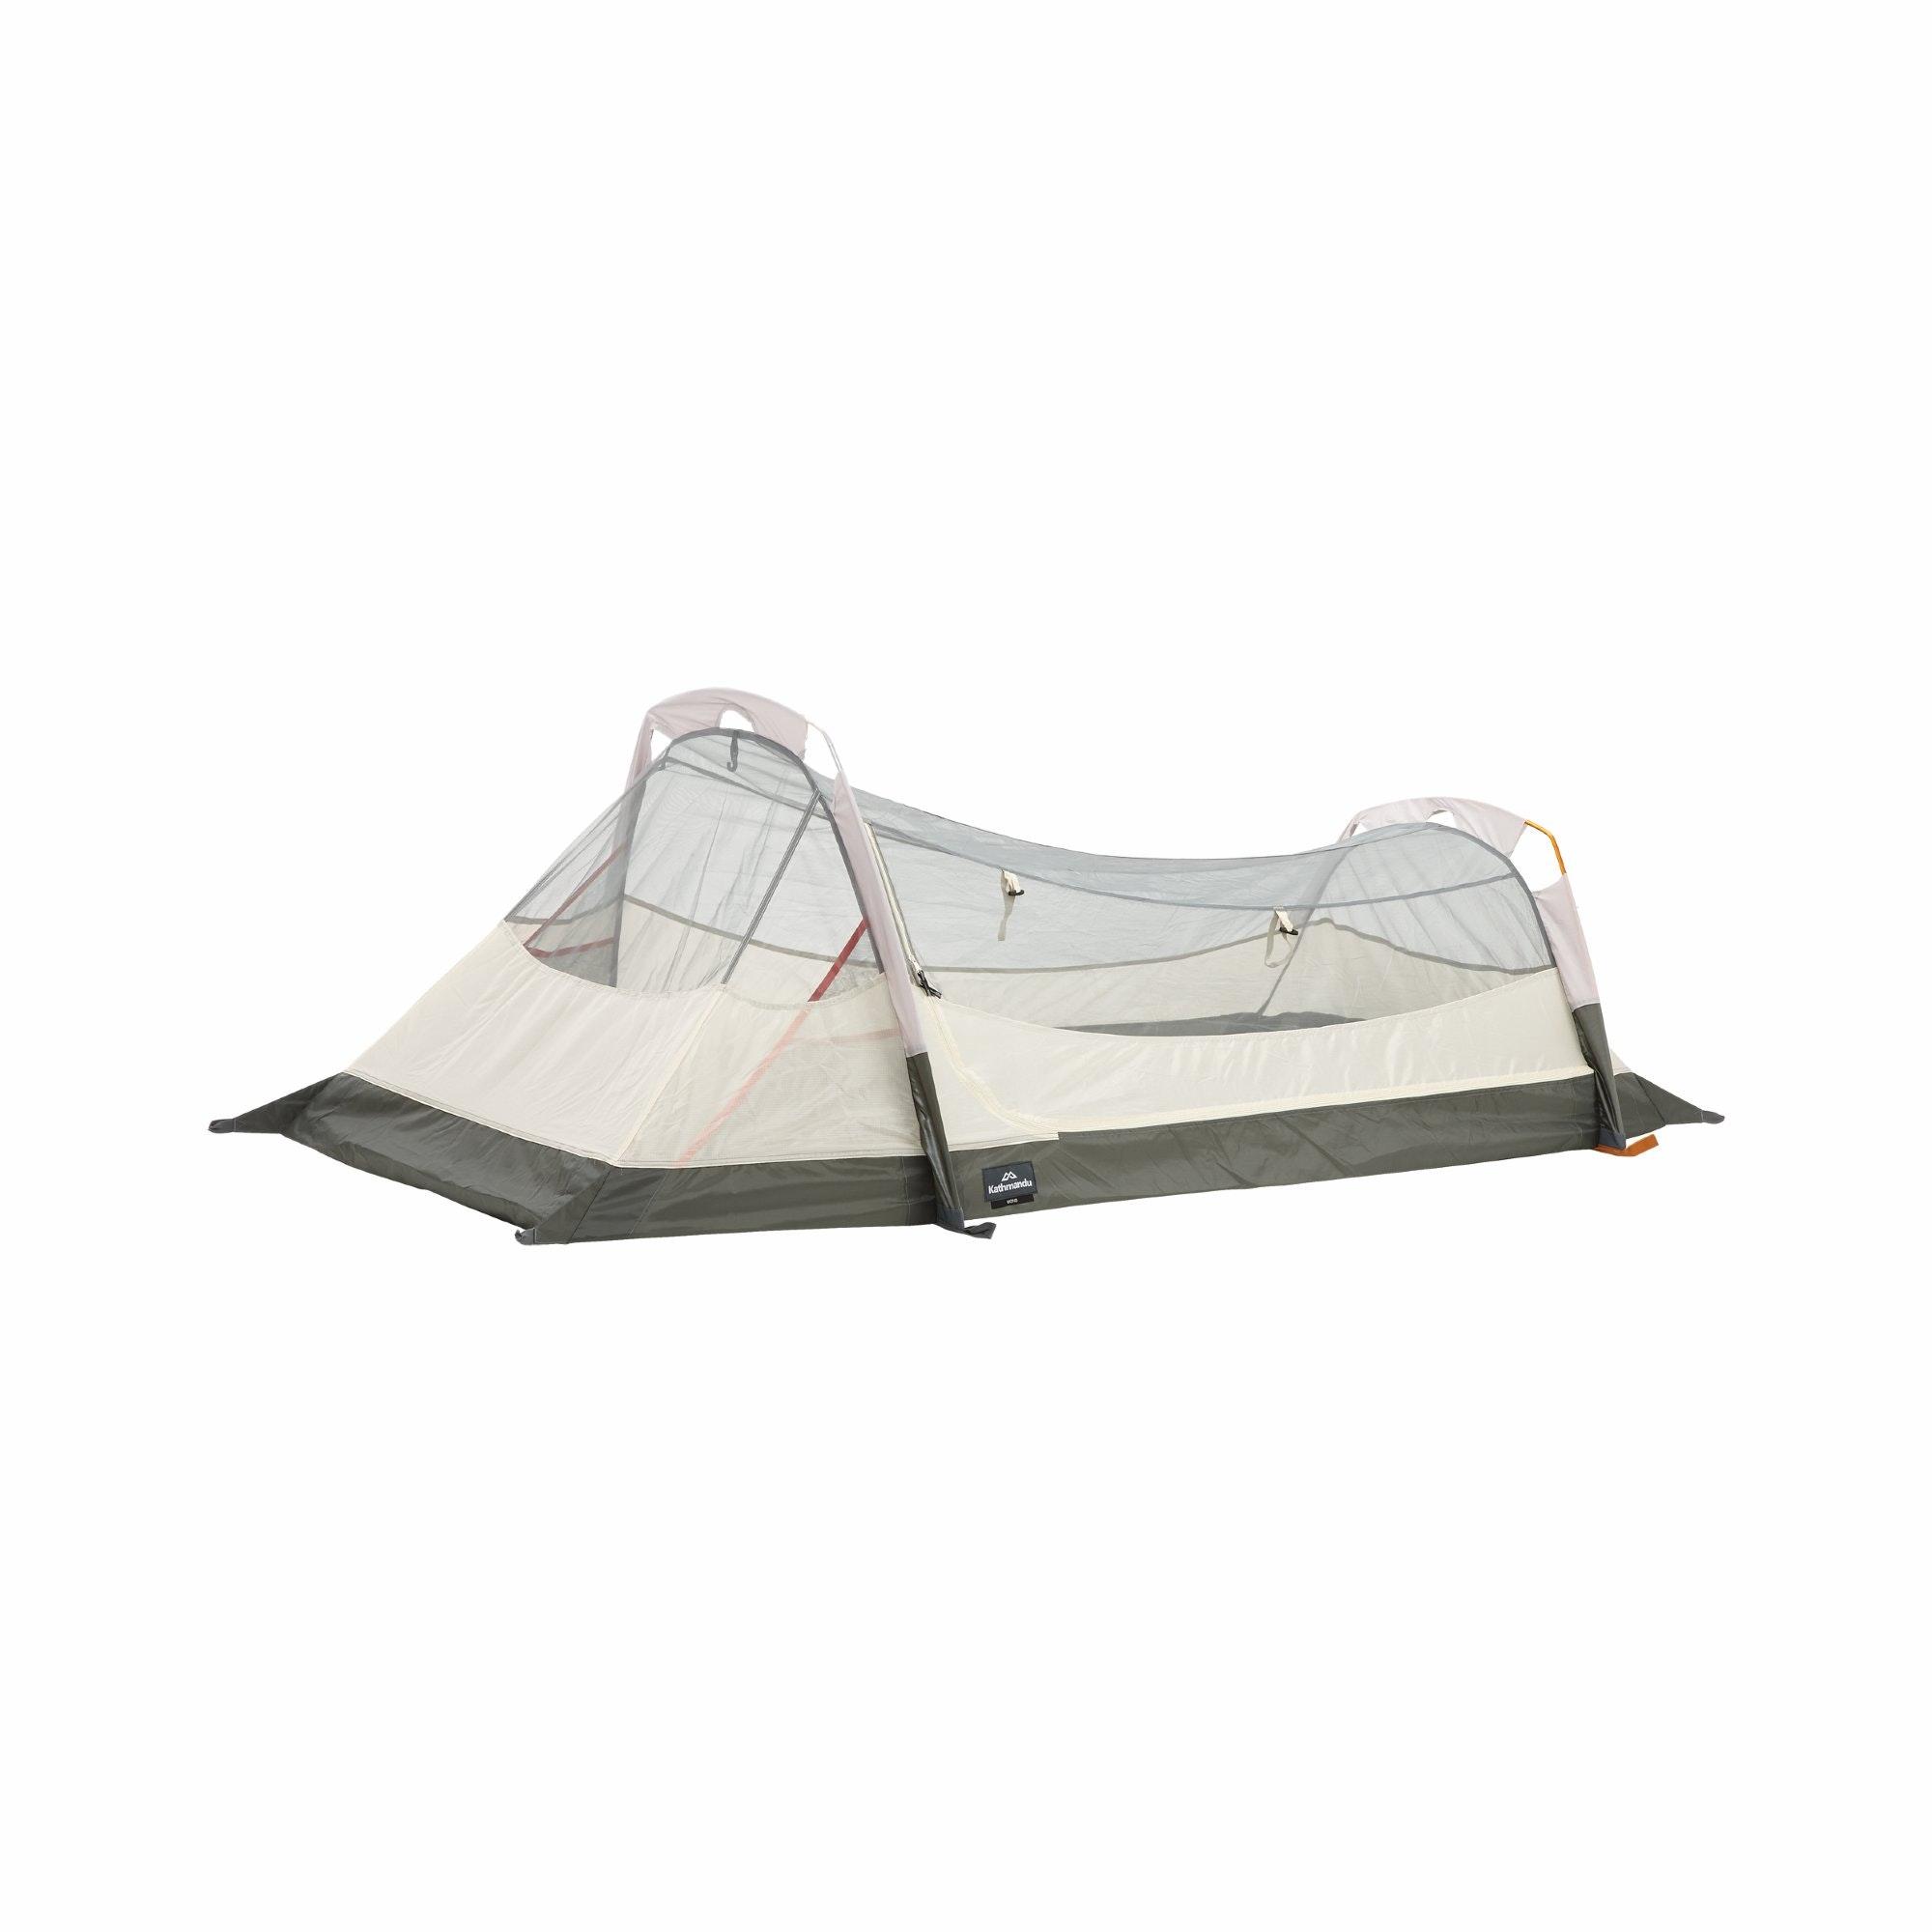 102  sc 1 st  Kathmandu & Mono 1 Person Tent v2 - Sand